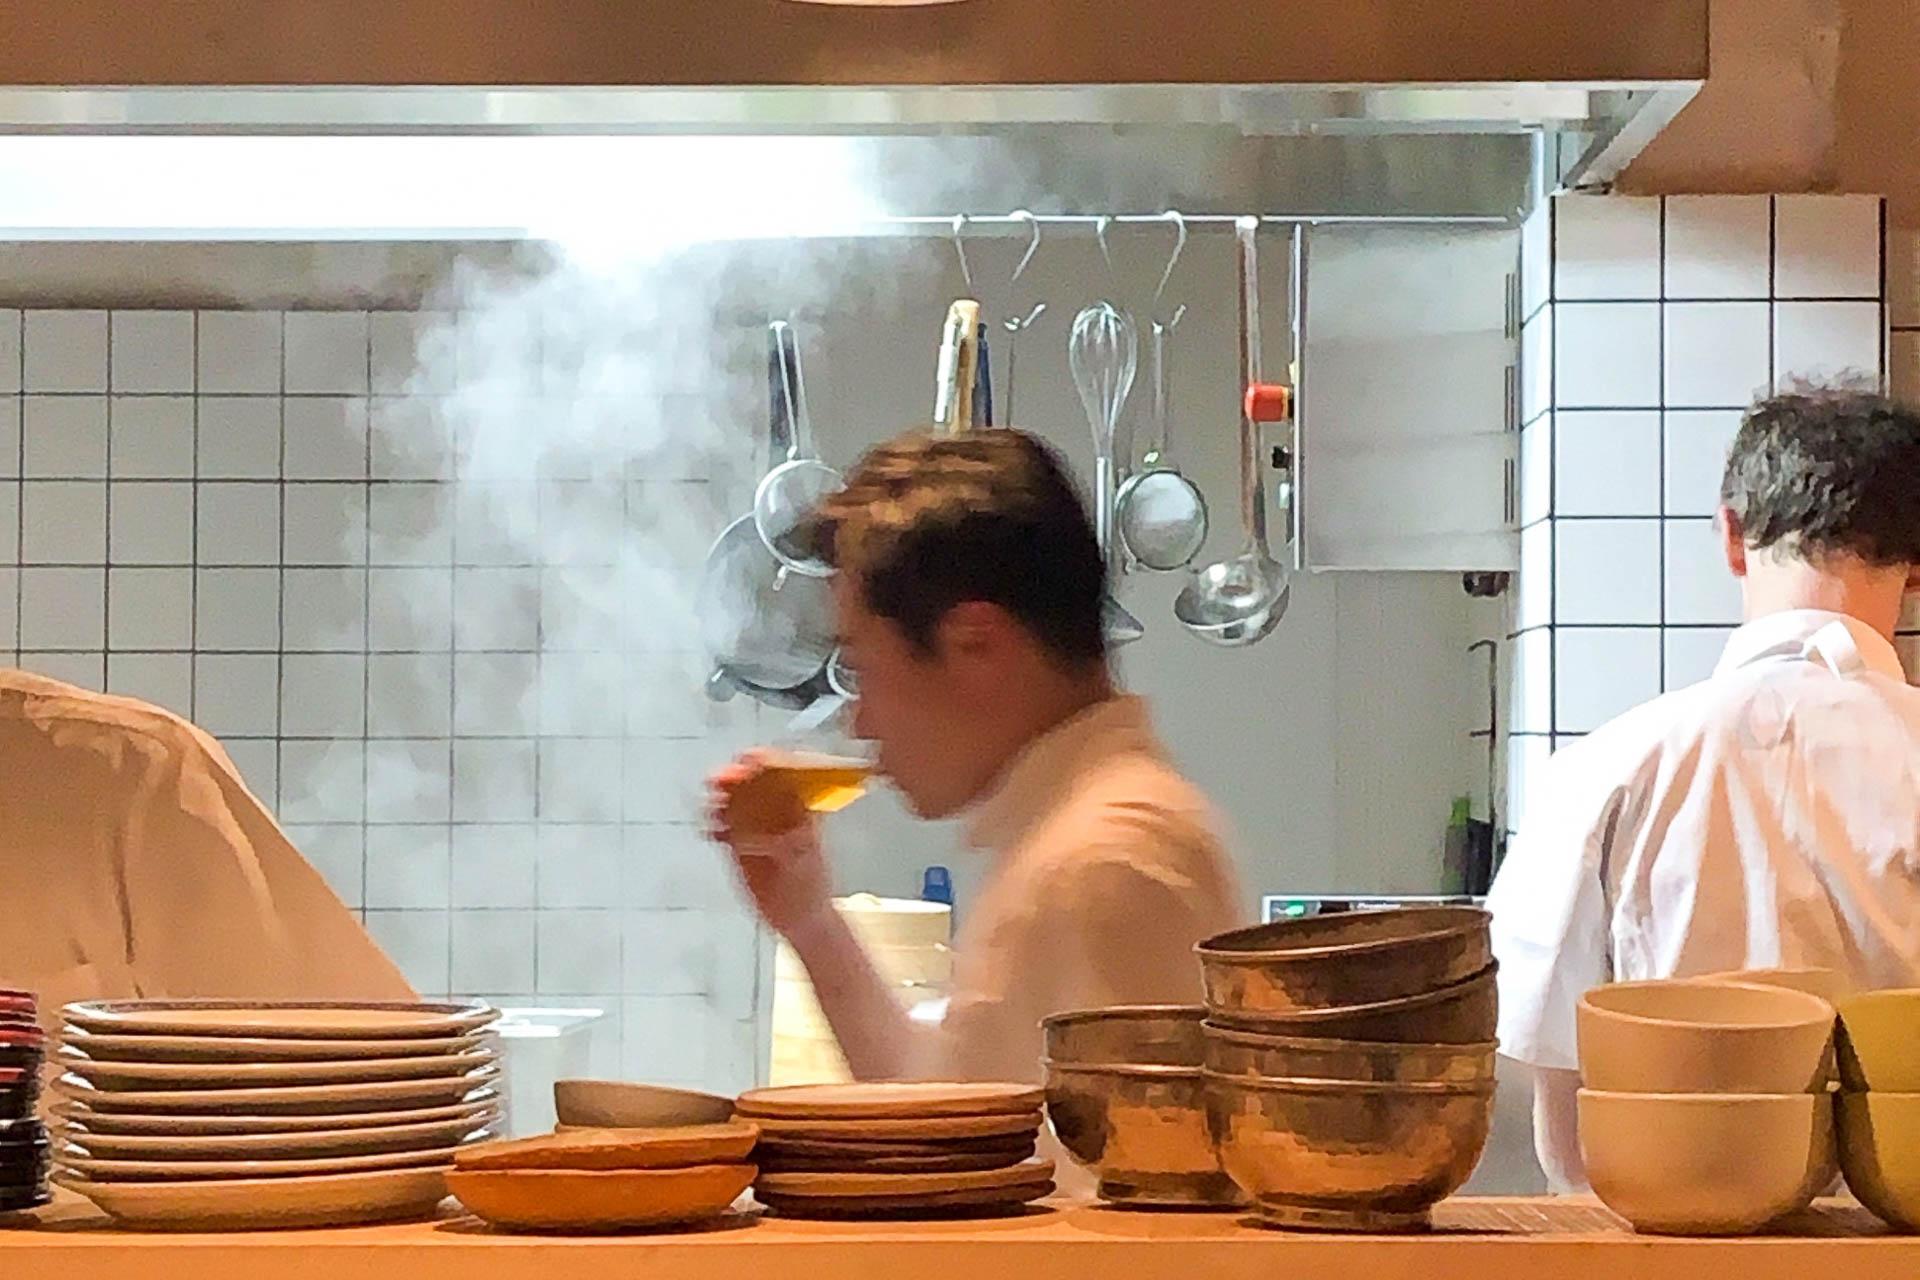 Après Dersou en 2014, le chef Taku Sekine ouvre Cheval d'Or son second restaurant parisien sur les hauteurs de Belleville. Assiettes franco-asiatiques jouissives, addition raisonnable et déco stylée, le spot est déjà le nouveau repaire des foodies parisiens.